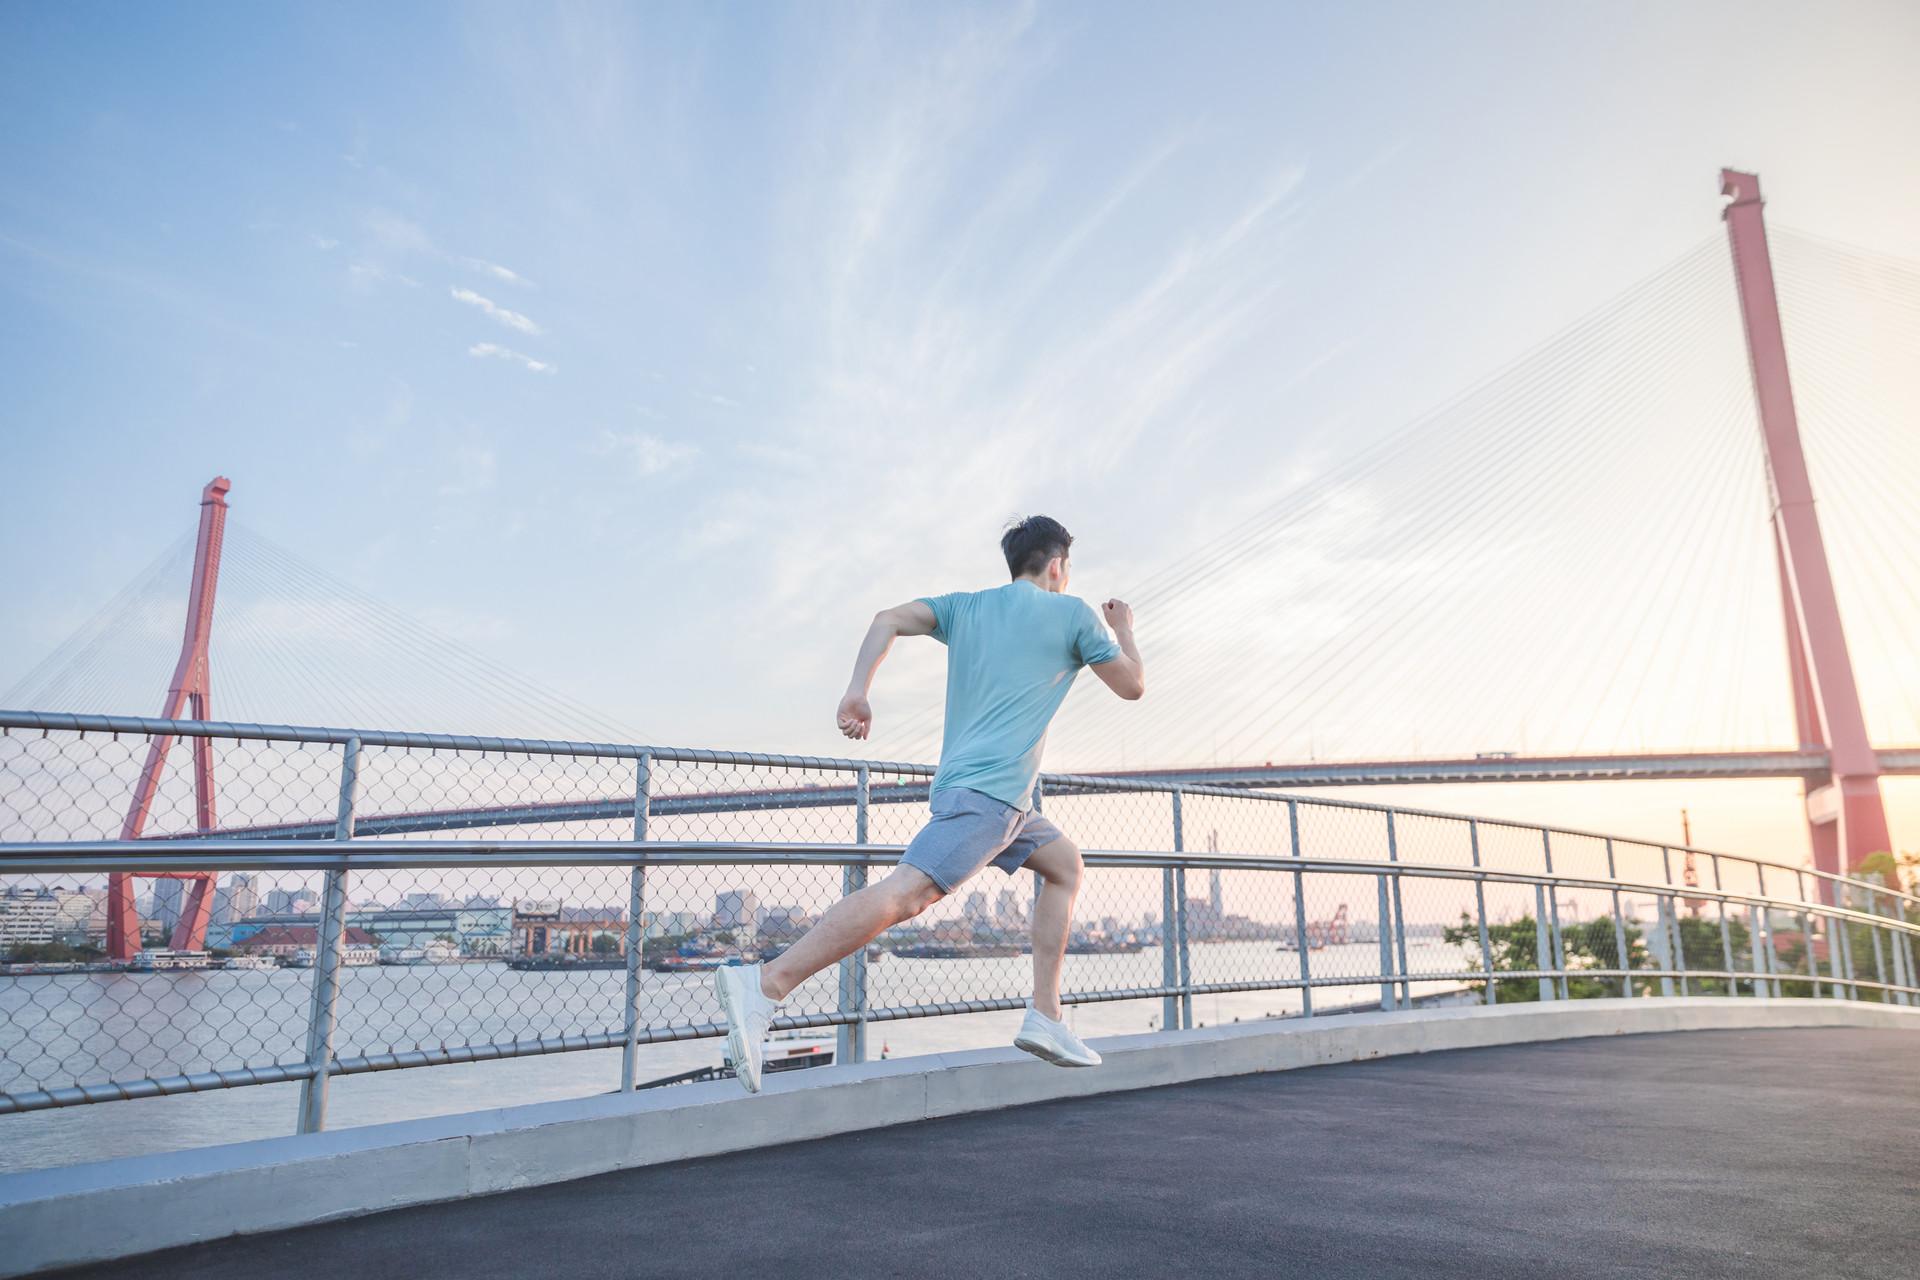 科学家指出运动前半小时喝浓咖啡能加速脂肪燃烧